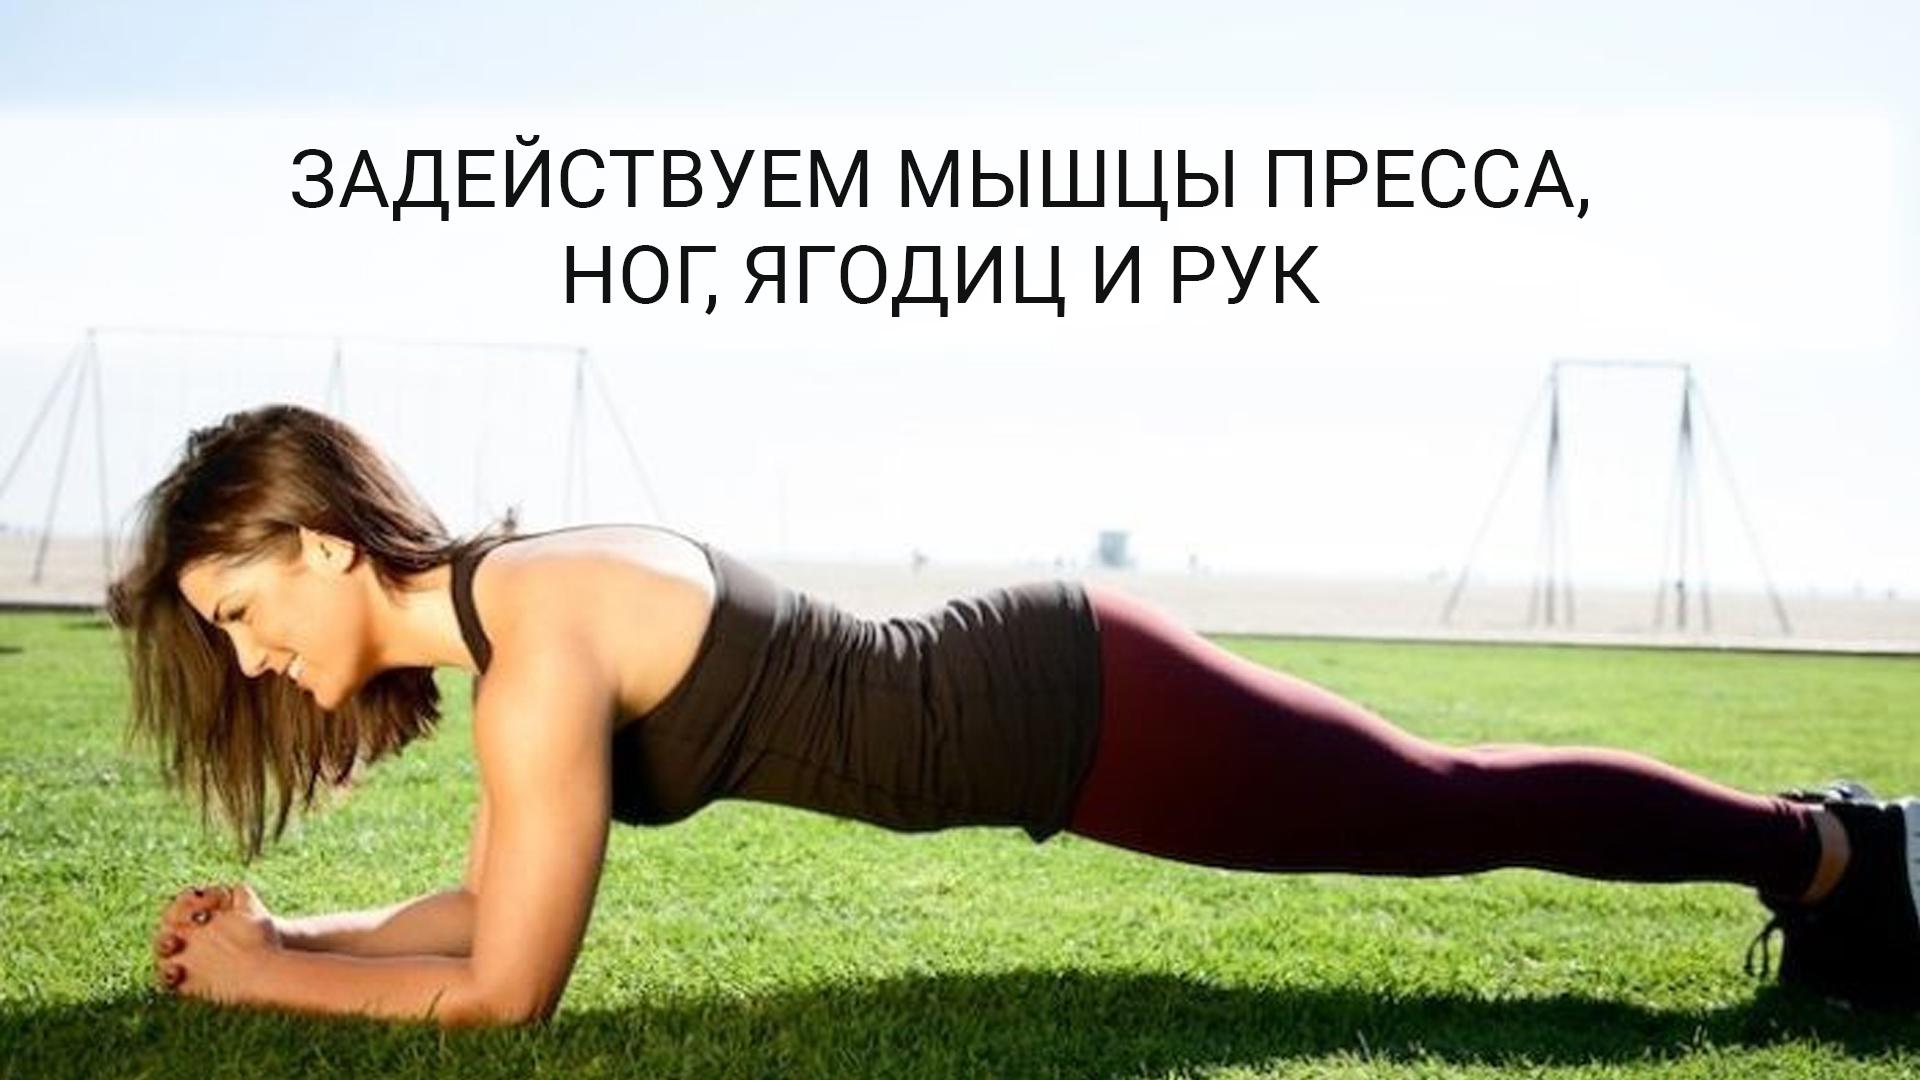 Выполняем упражнение «планка» в домашних условиях! Максимальный результат при сжигании жира